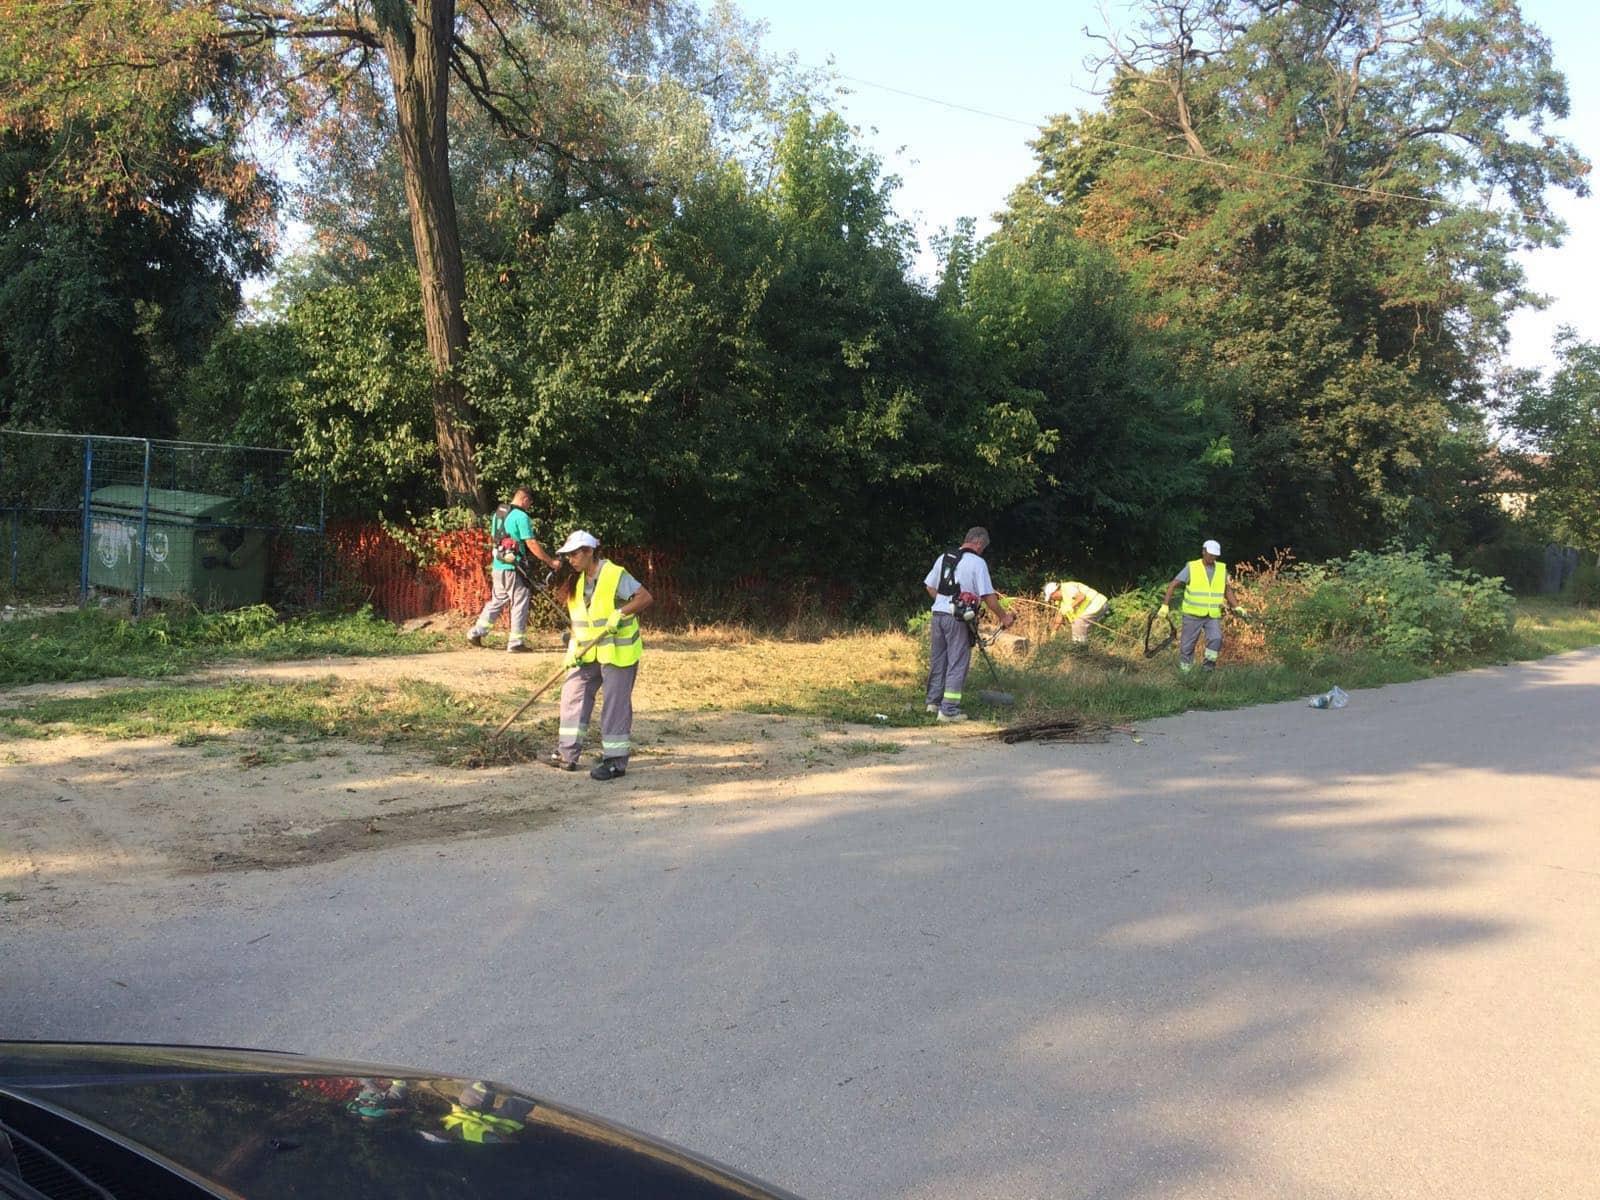 Operatorul Rosal înlocuit cu Blue Planet Services la curățenia domeniului public în Ploiești